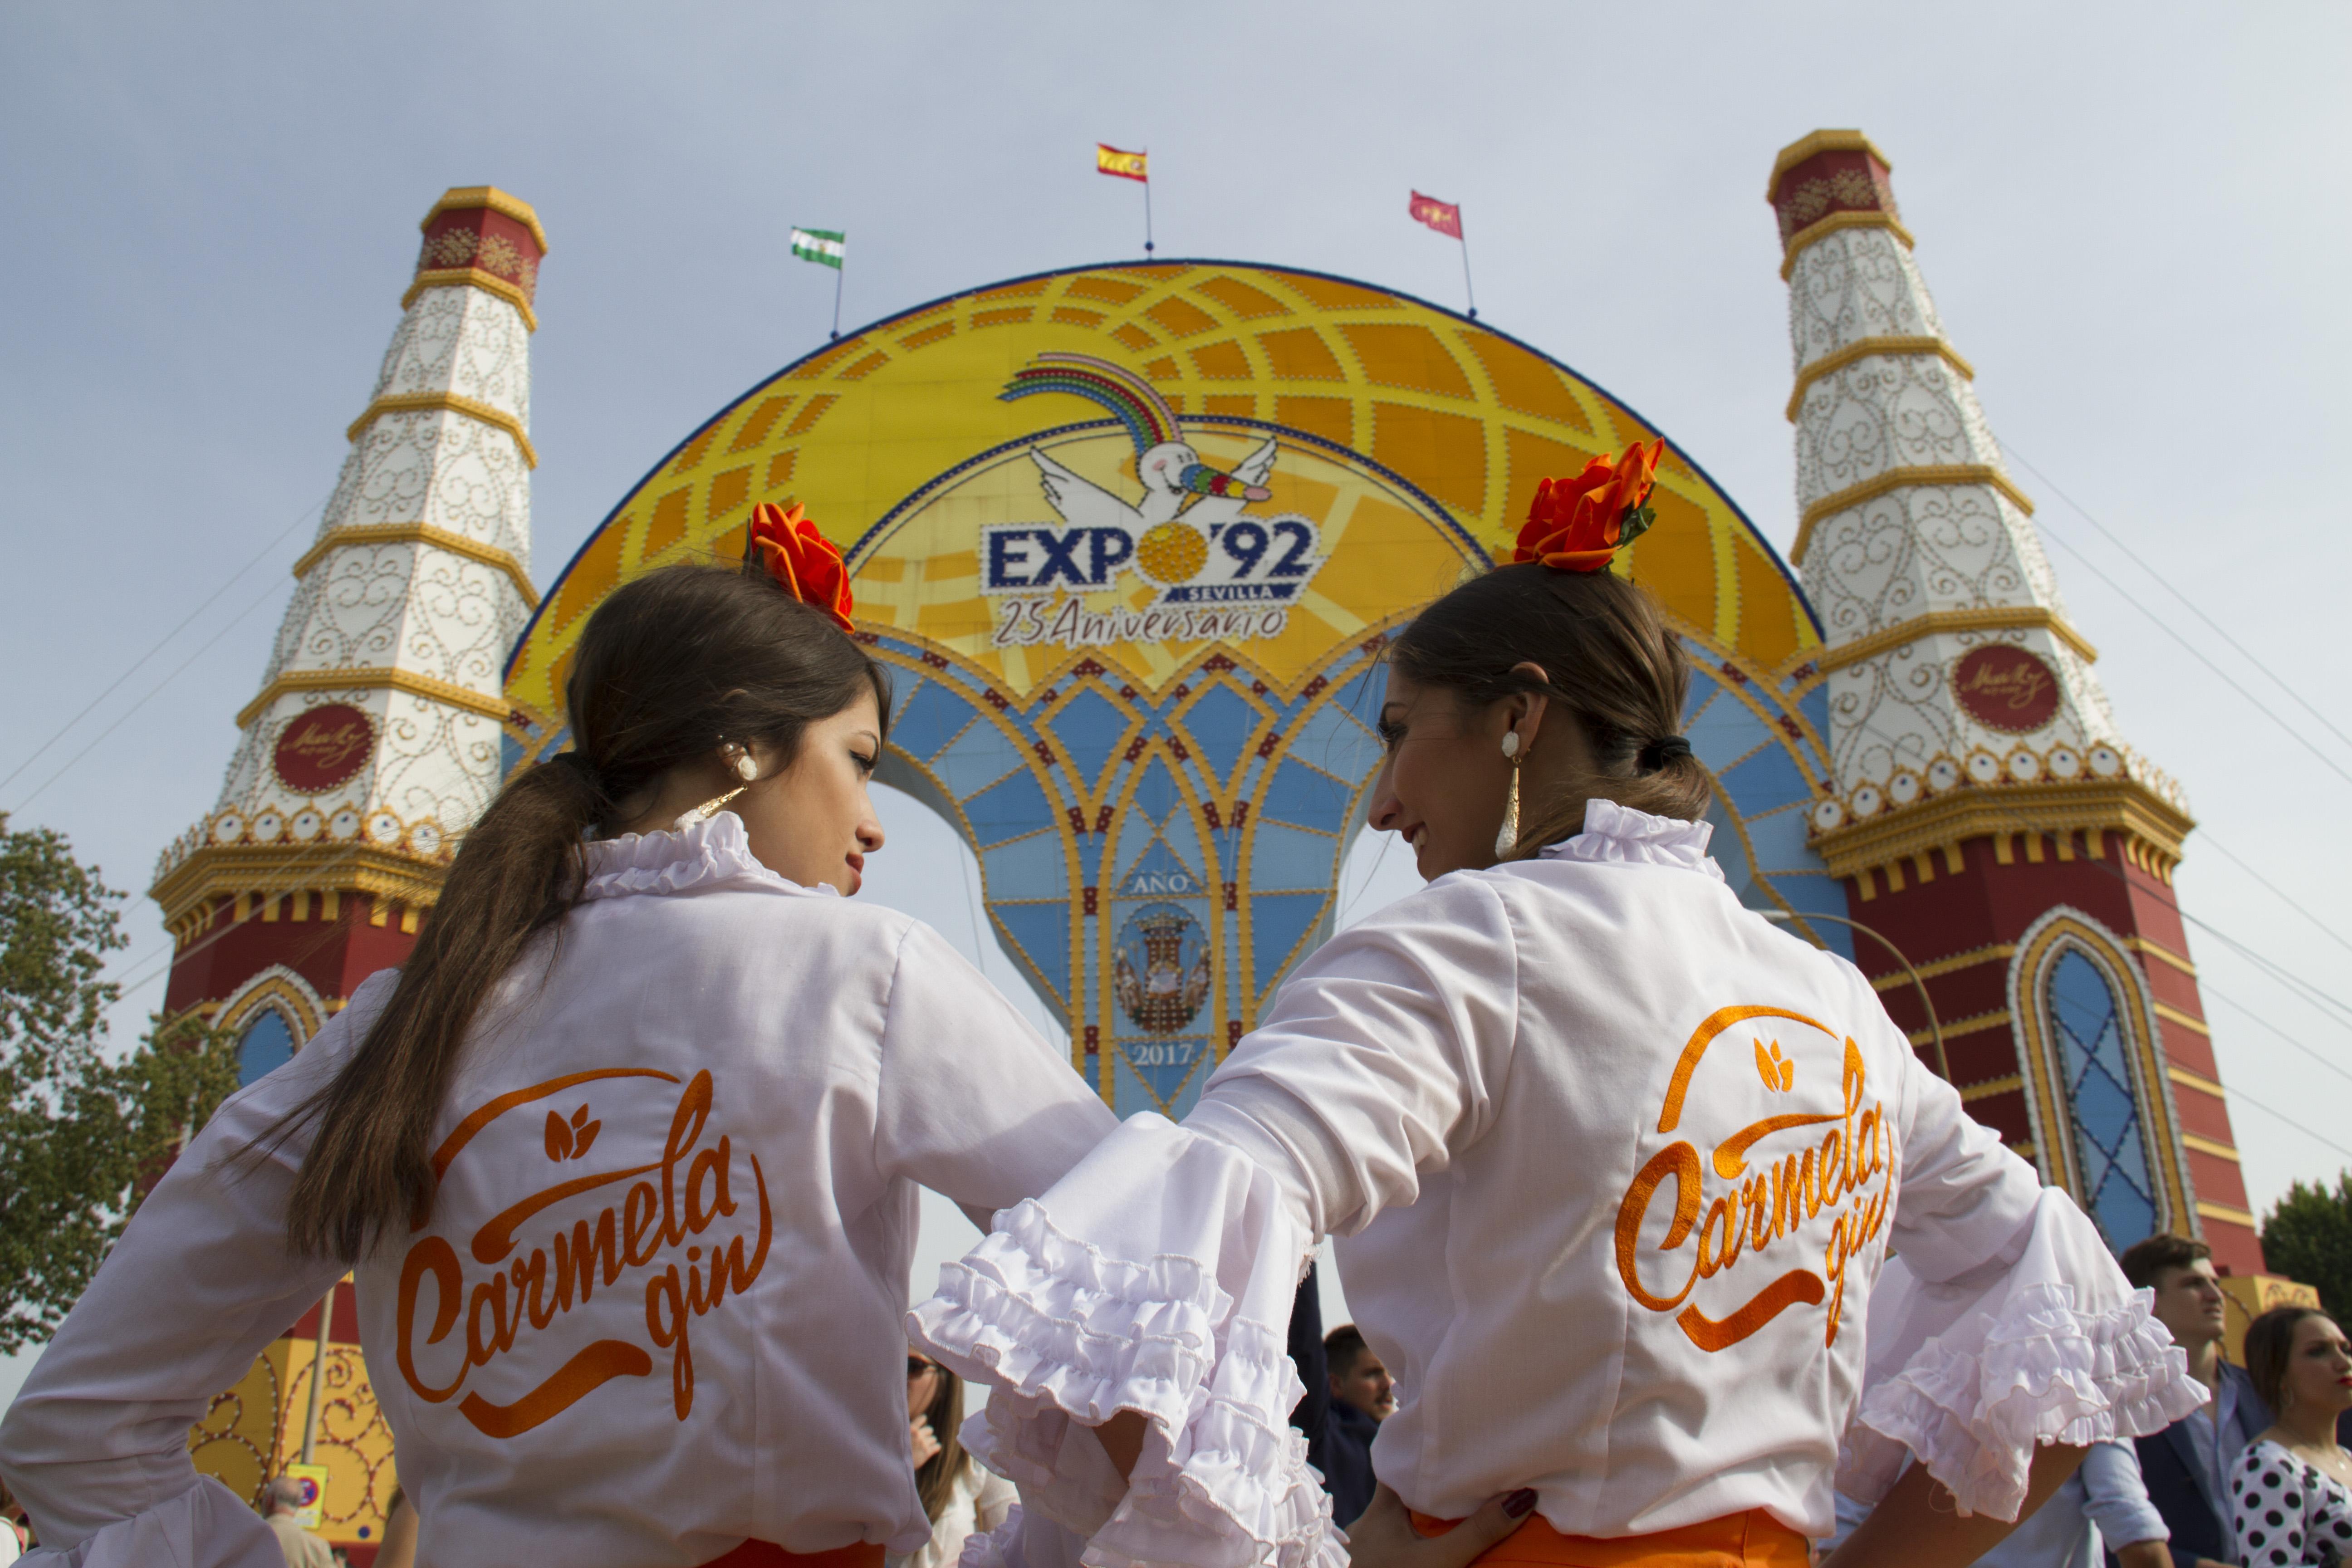 Carmela Gin presente en la Feria de Abril